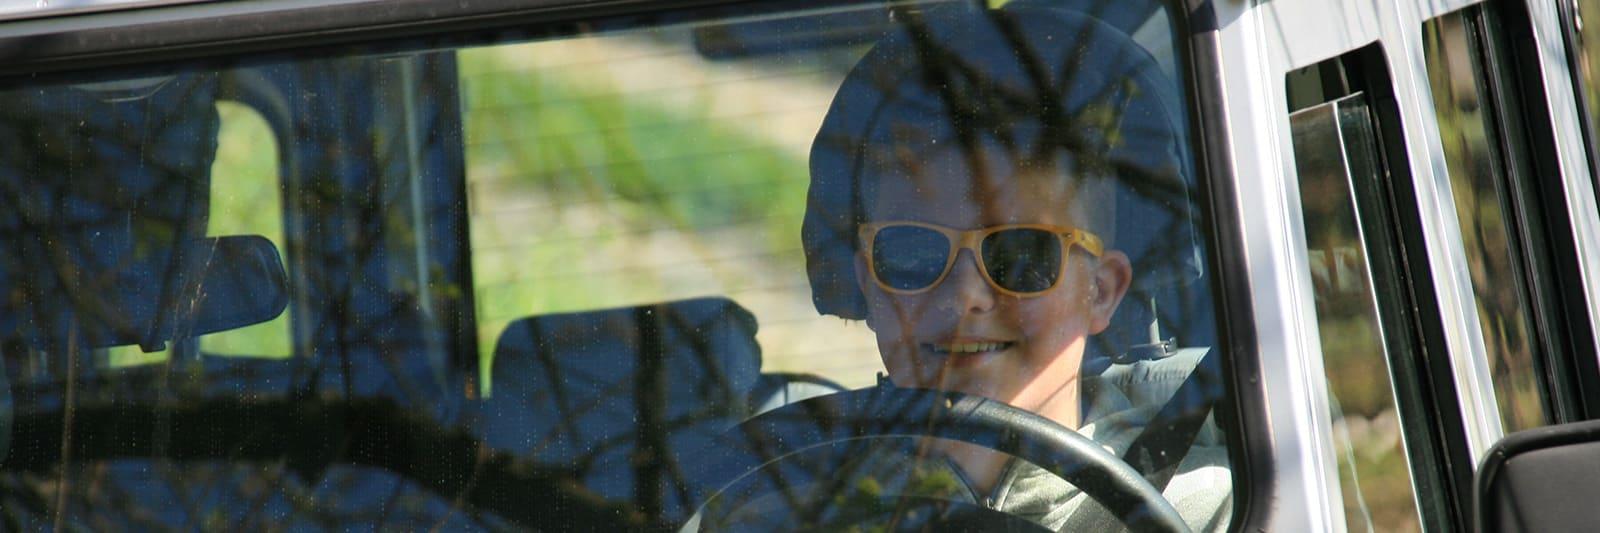 Land Rover Young driver er for de unge fra 14 år og opefter